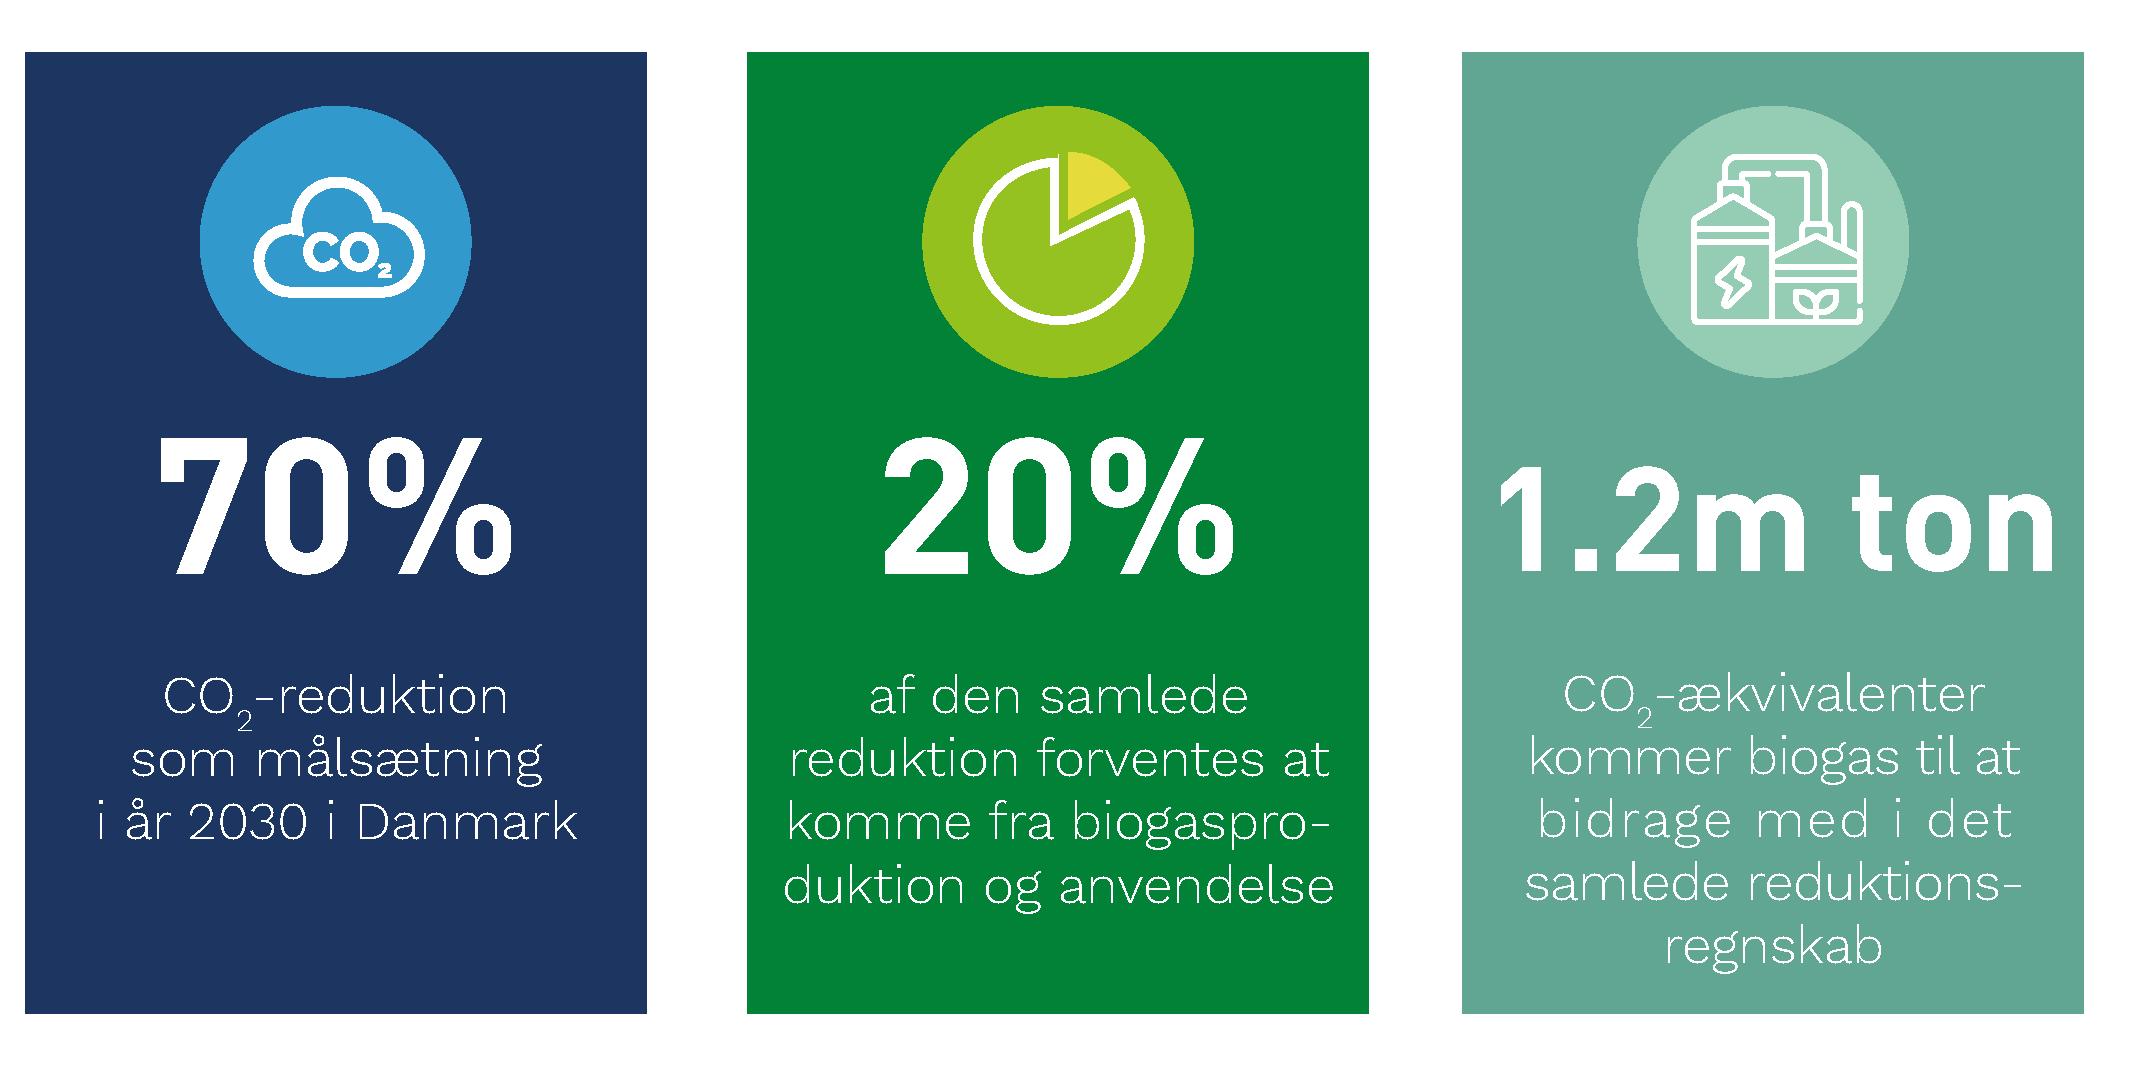 Biogas har en central placering i indfrielsen af 2030-klimamålsætningen